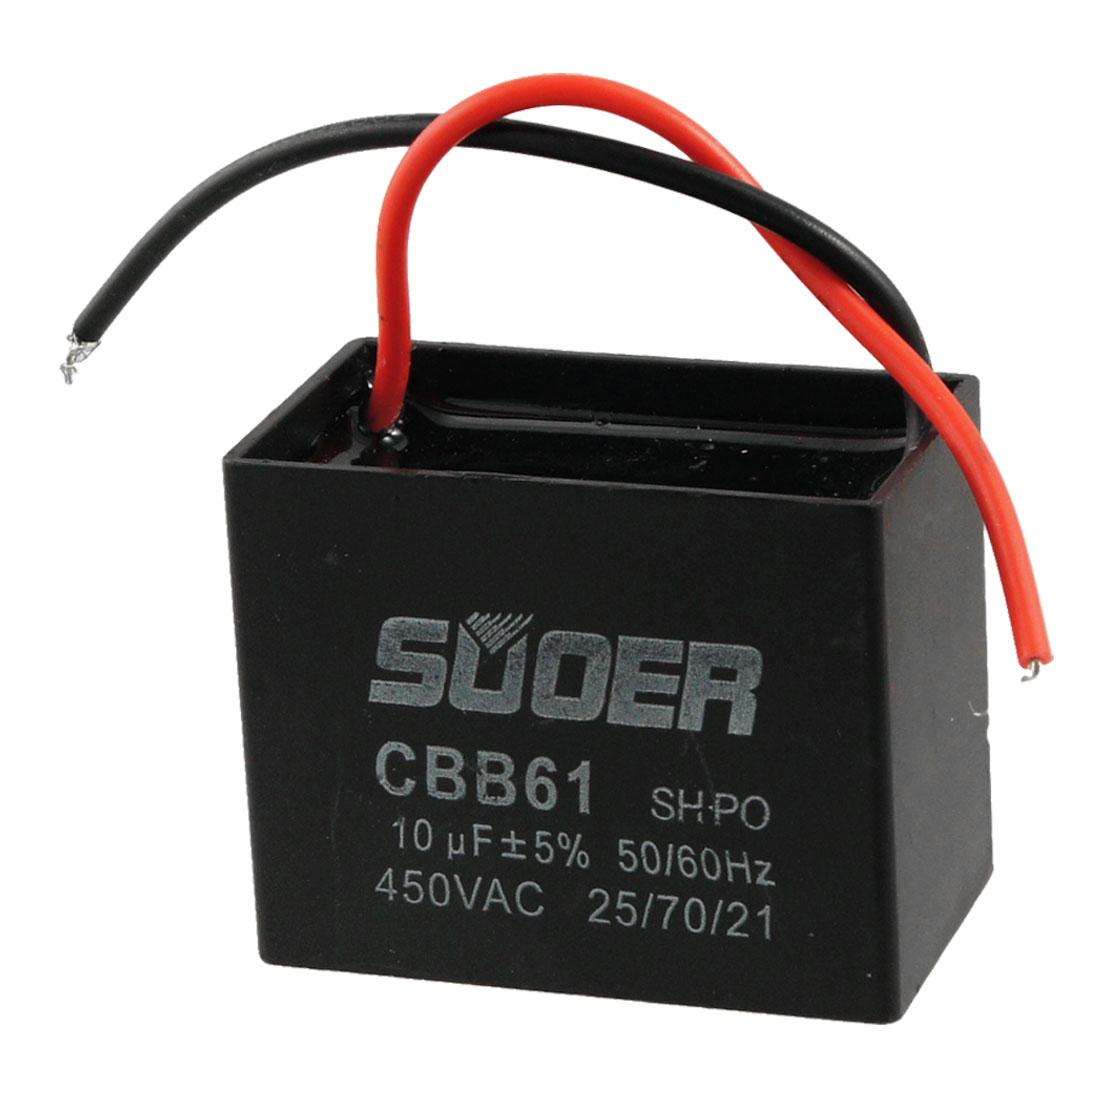 450V 10uF Polypropylene Film Motor Running Capacitor